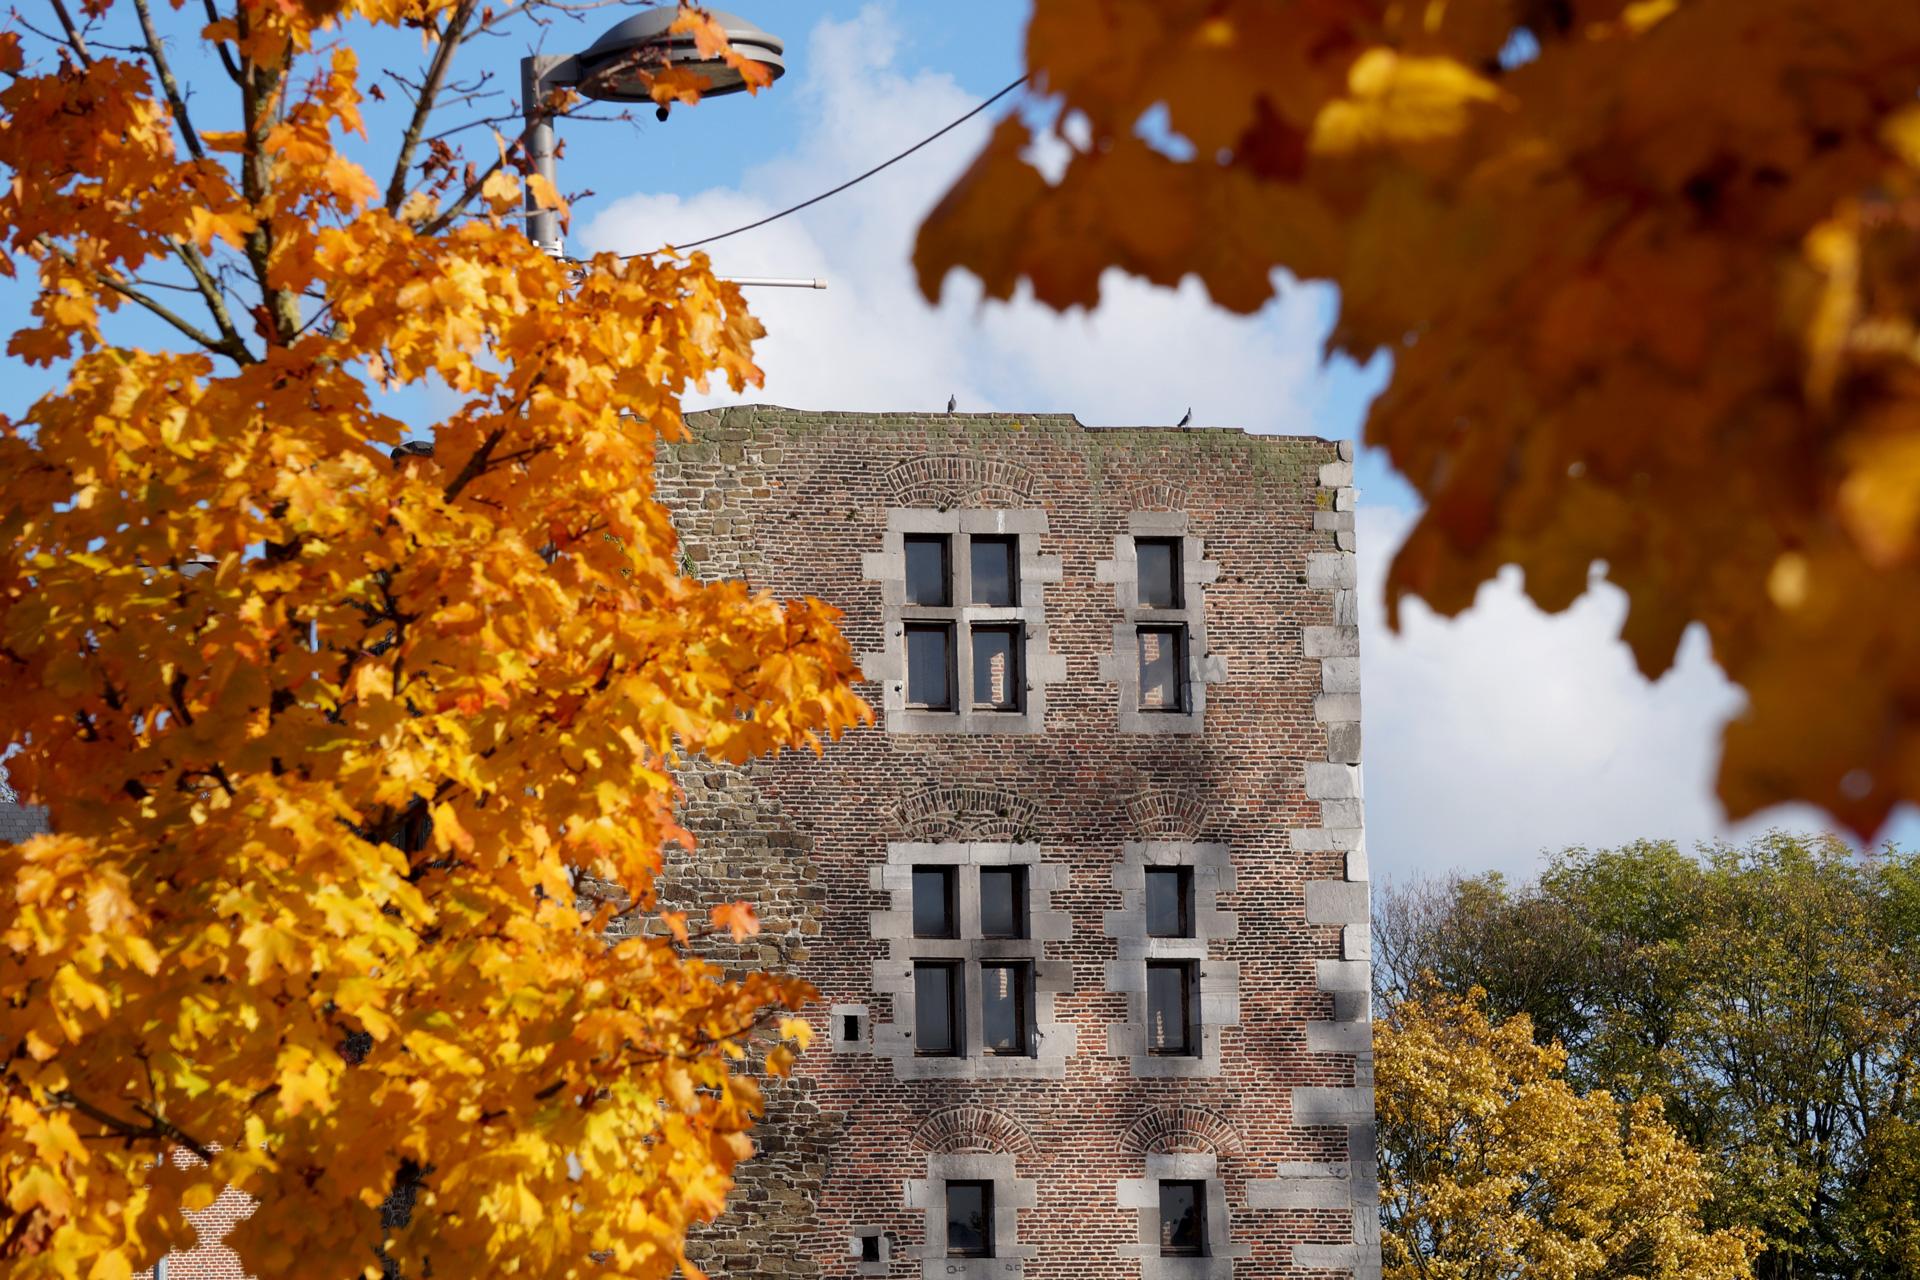 oupeye-la-tour-medievale-du-chateau-d-oupeye-photo-bernard-jacqmin